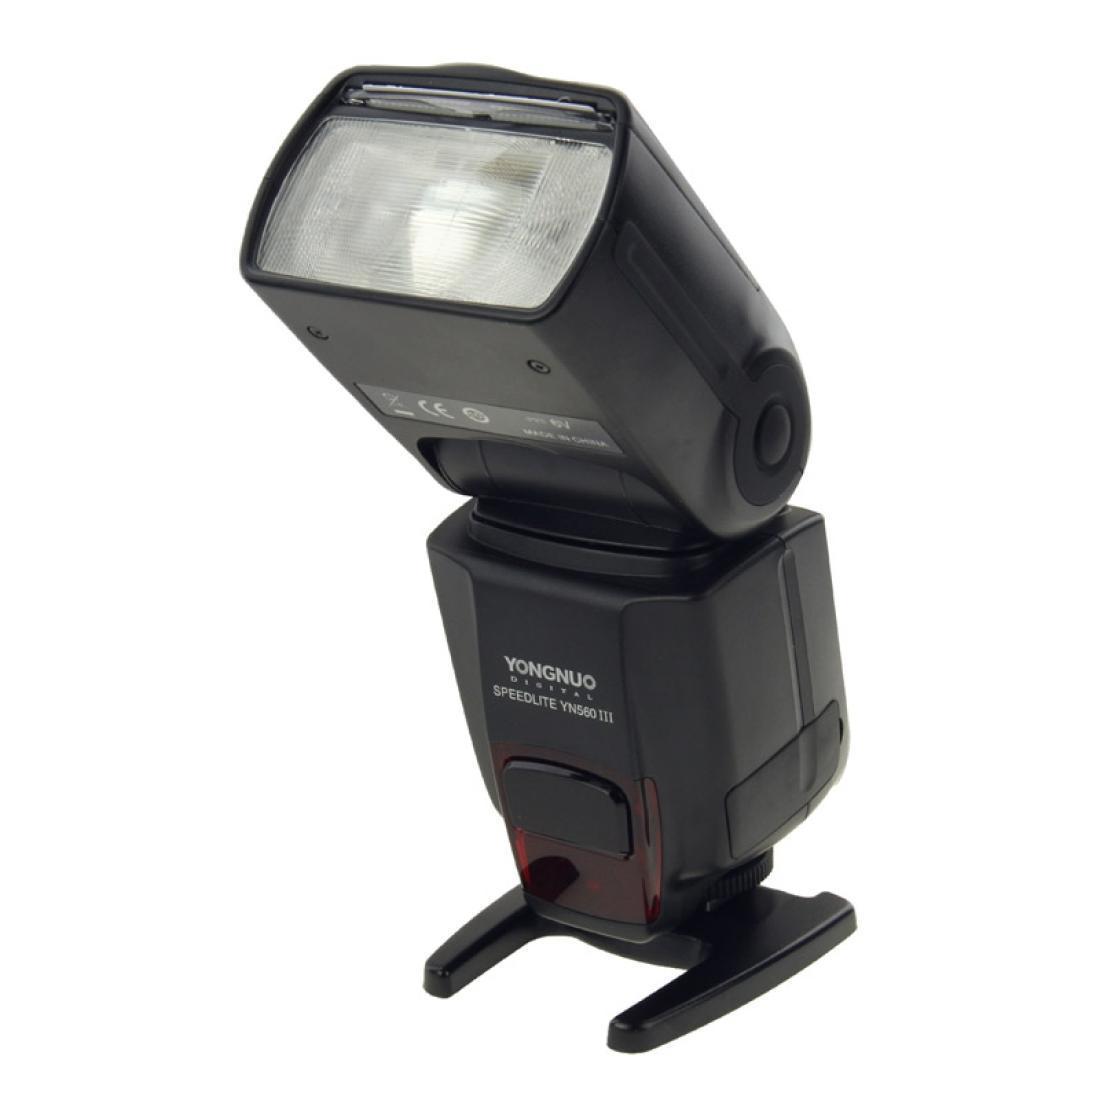 Yn-560 III Speedlite sem fio de flash sem fio ultra-longa com sapato quente de metal para canon nikon pentax olympus dslr câmera